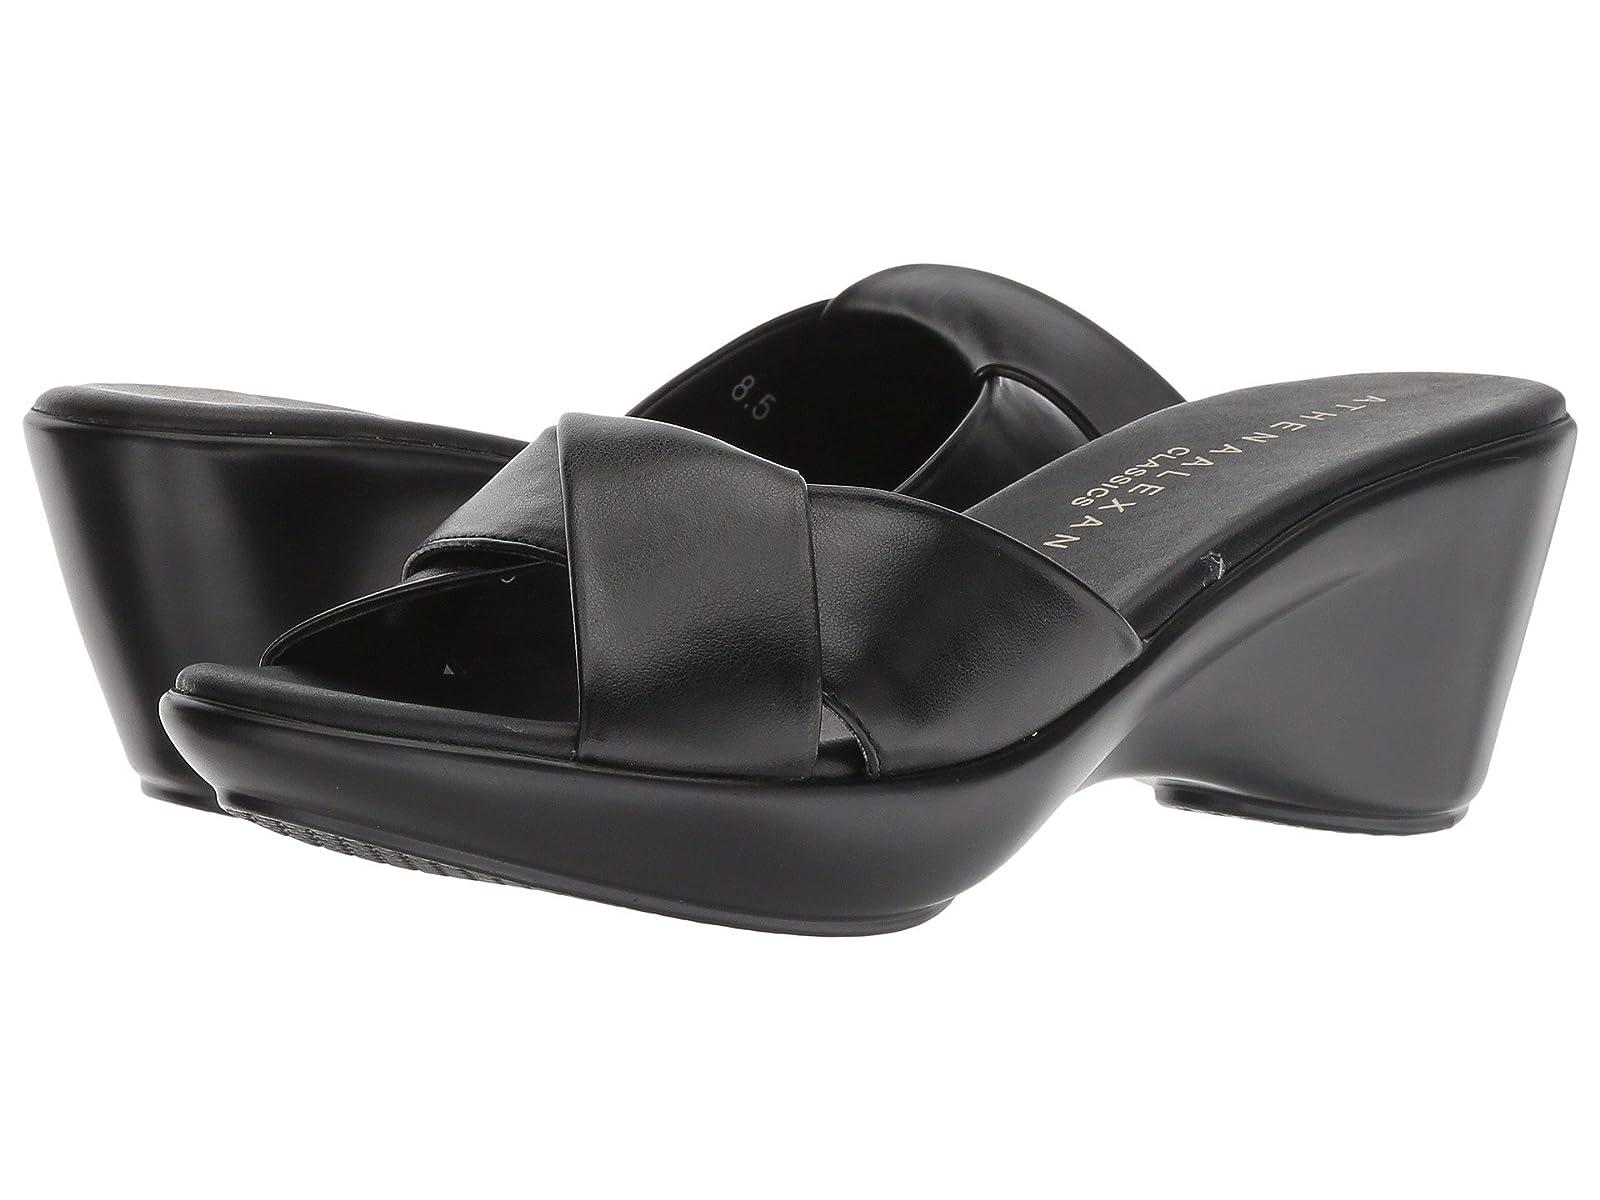 Athena Alexander OrlandoAtmospheric grades have affordable shoes